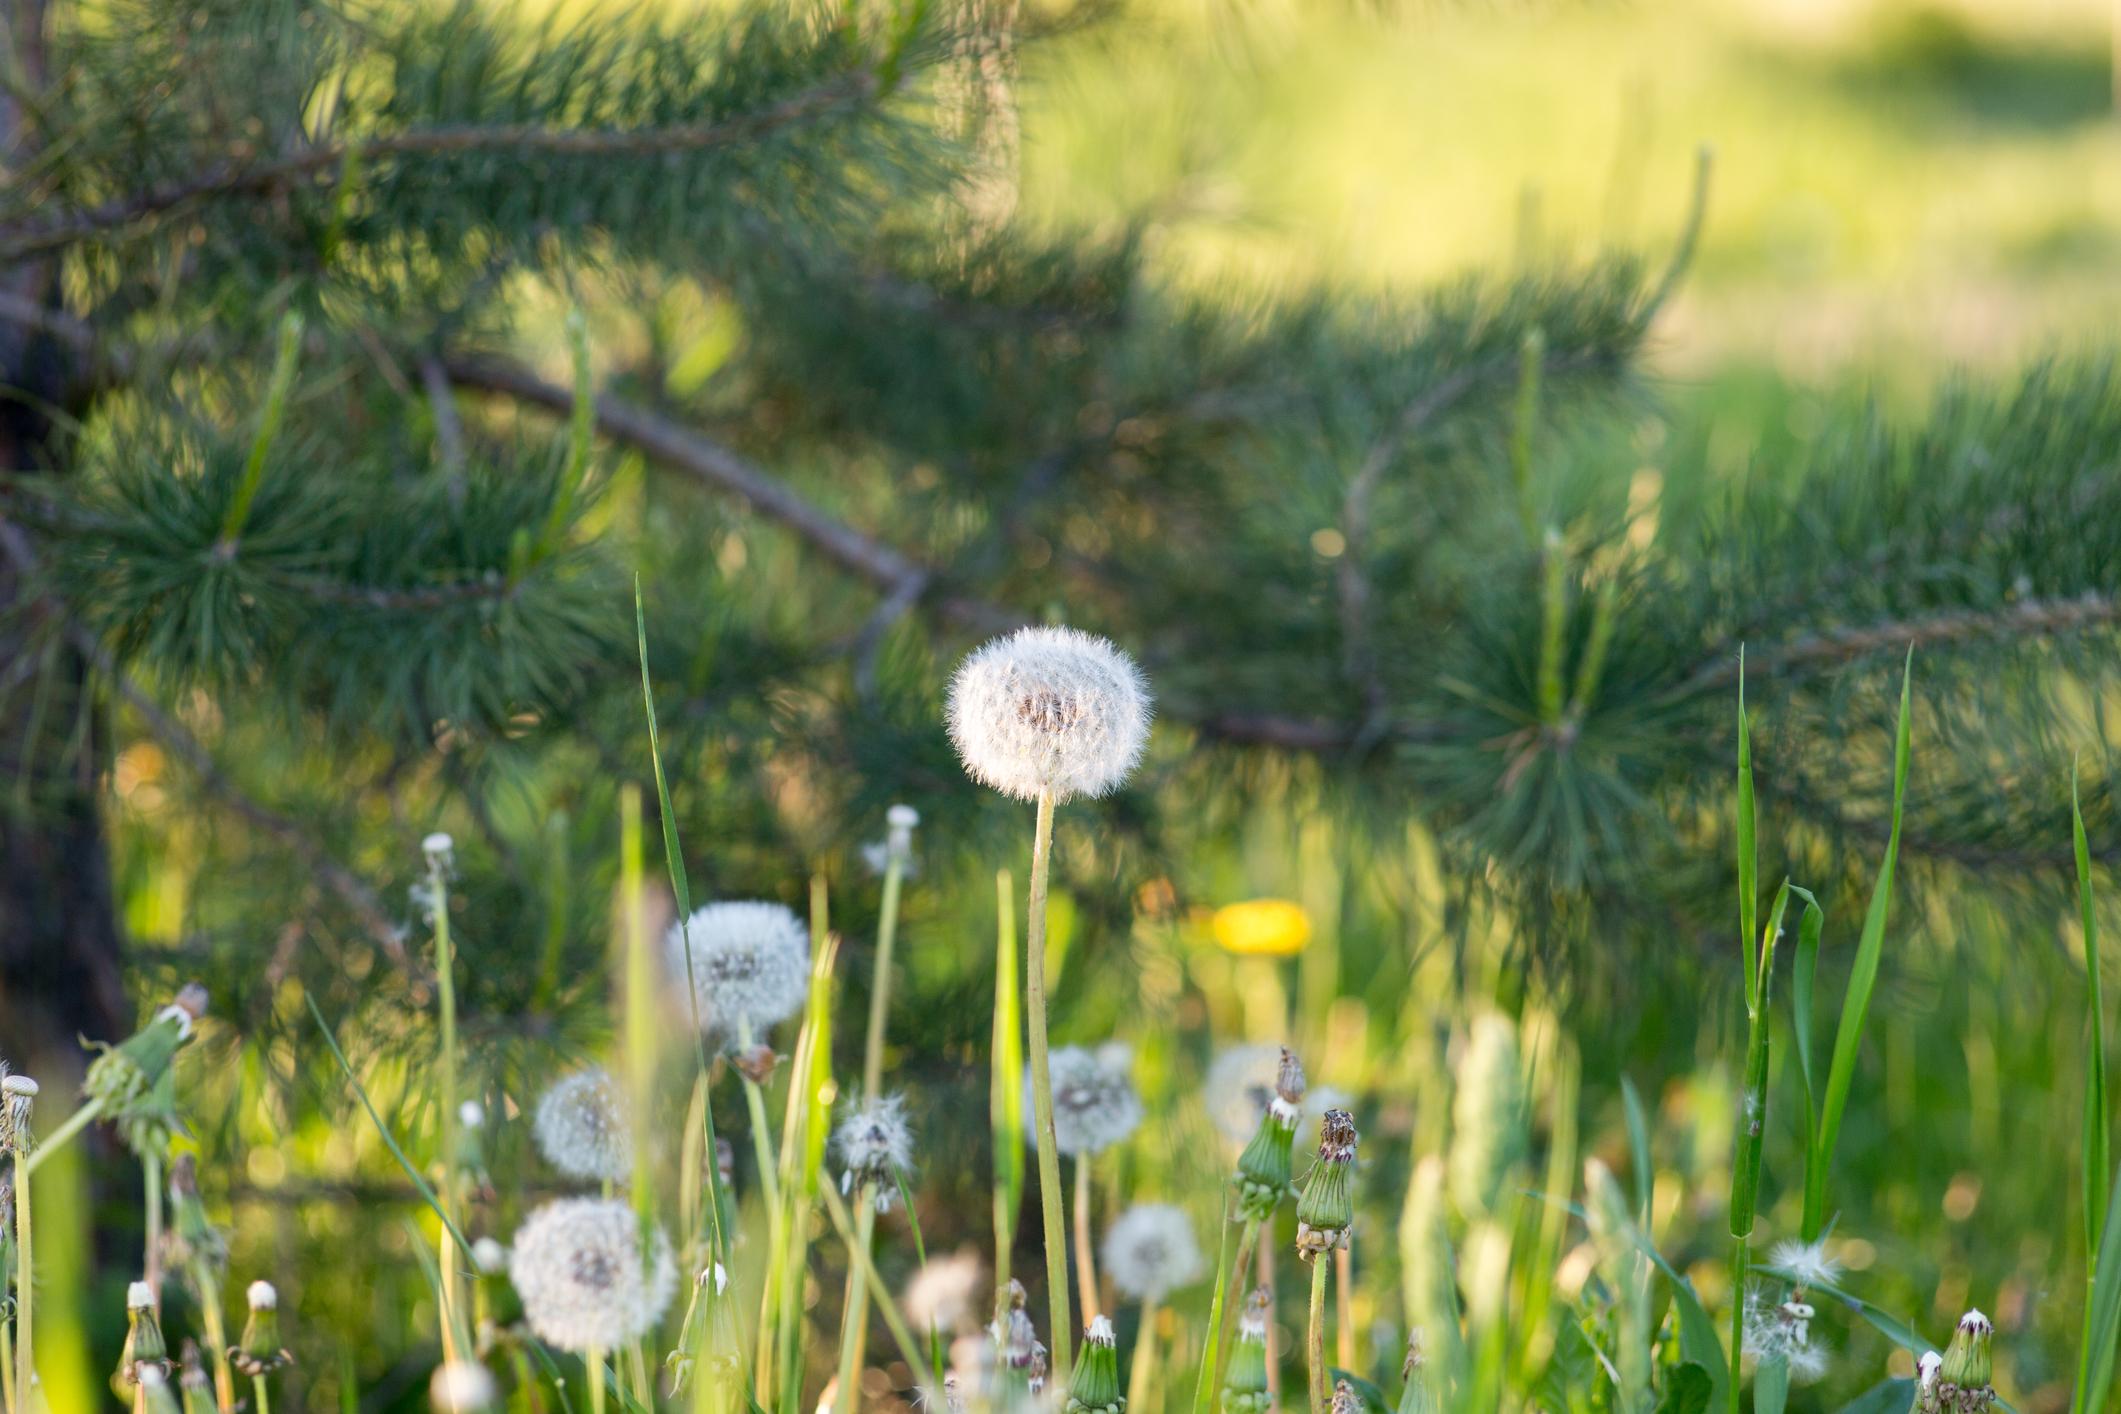 image Comment supprimer et contrôler la pousse des pissenlits au jardin ?